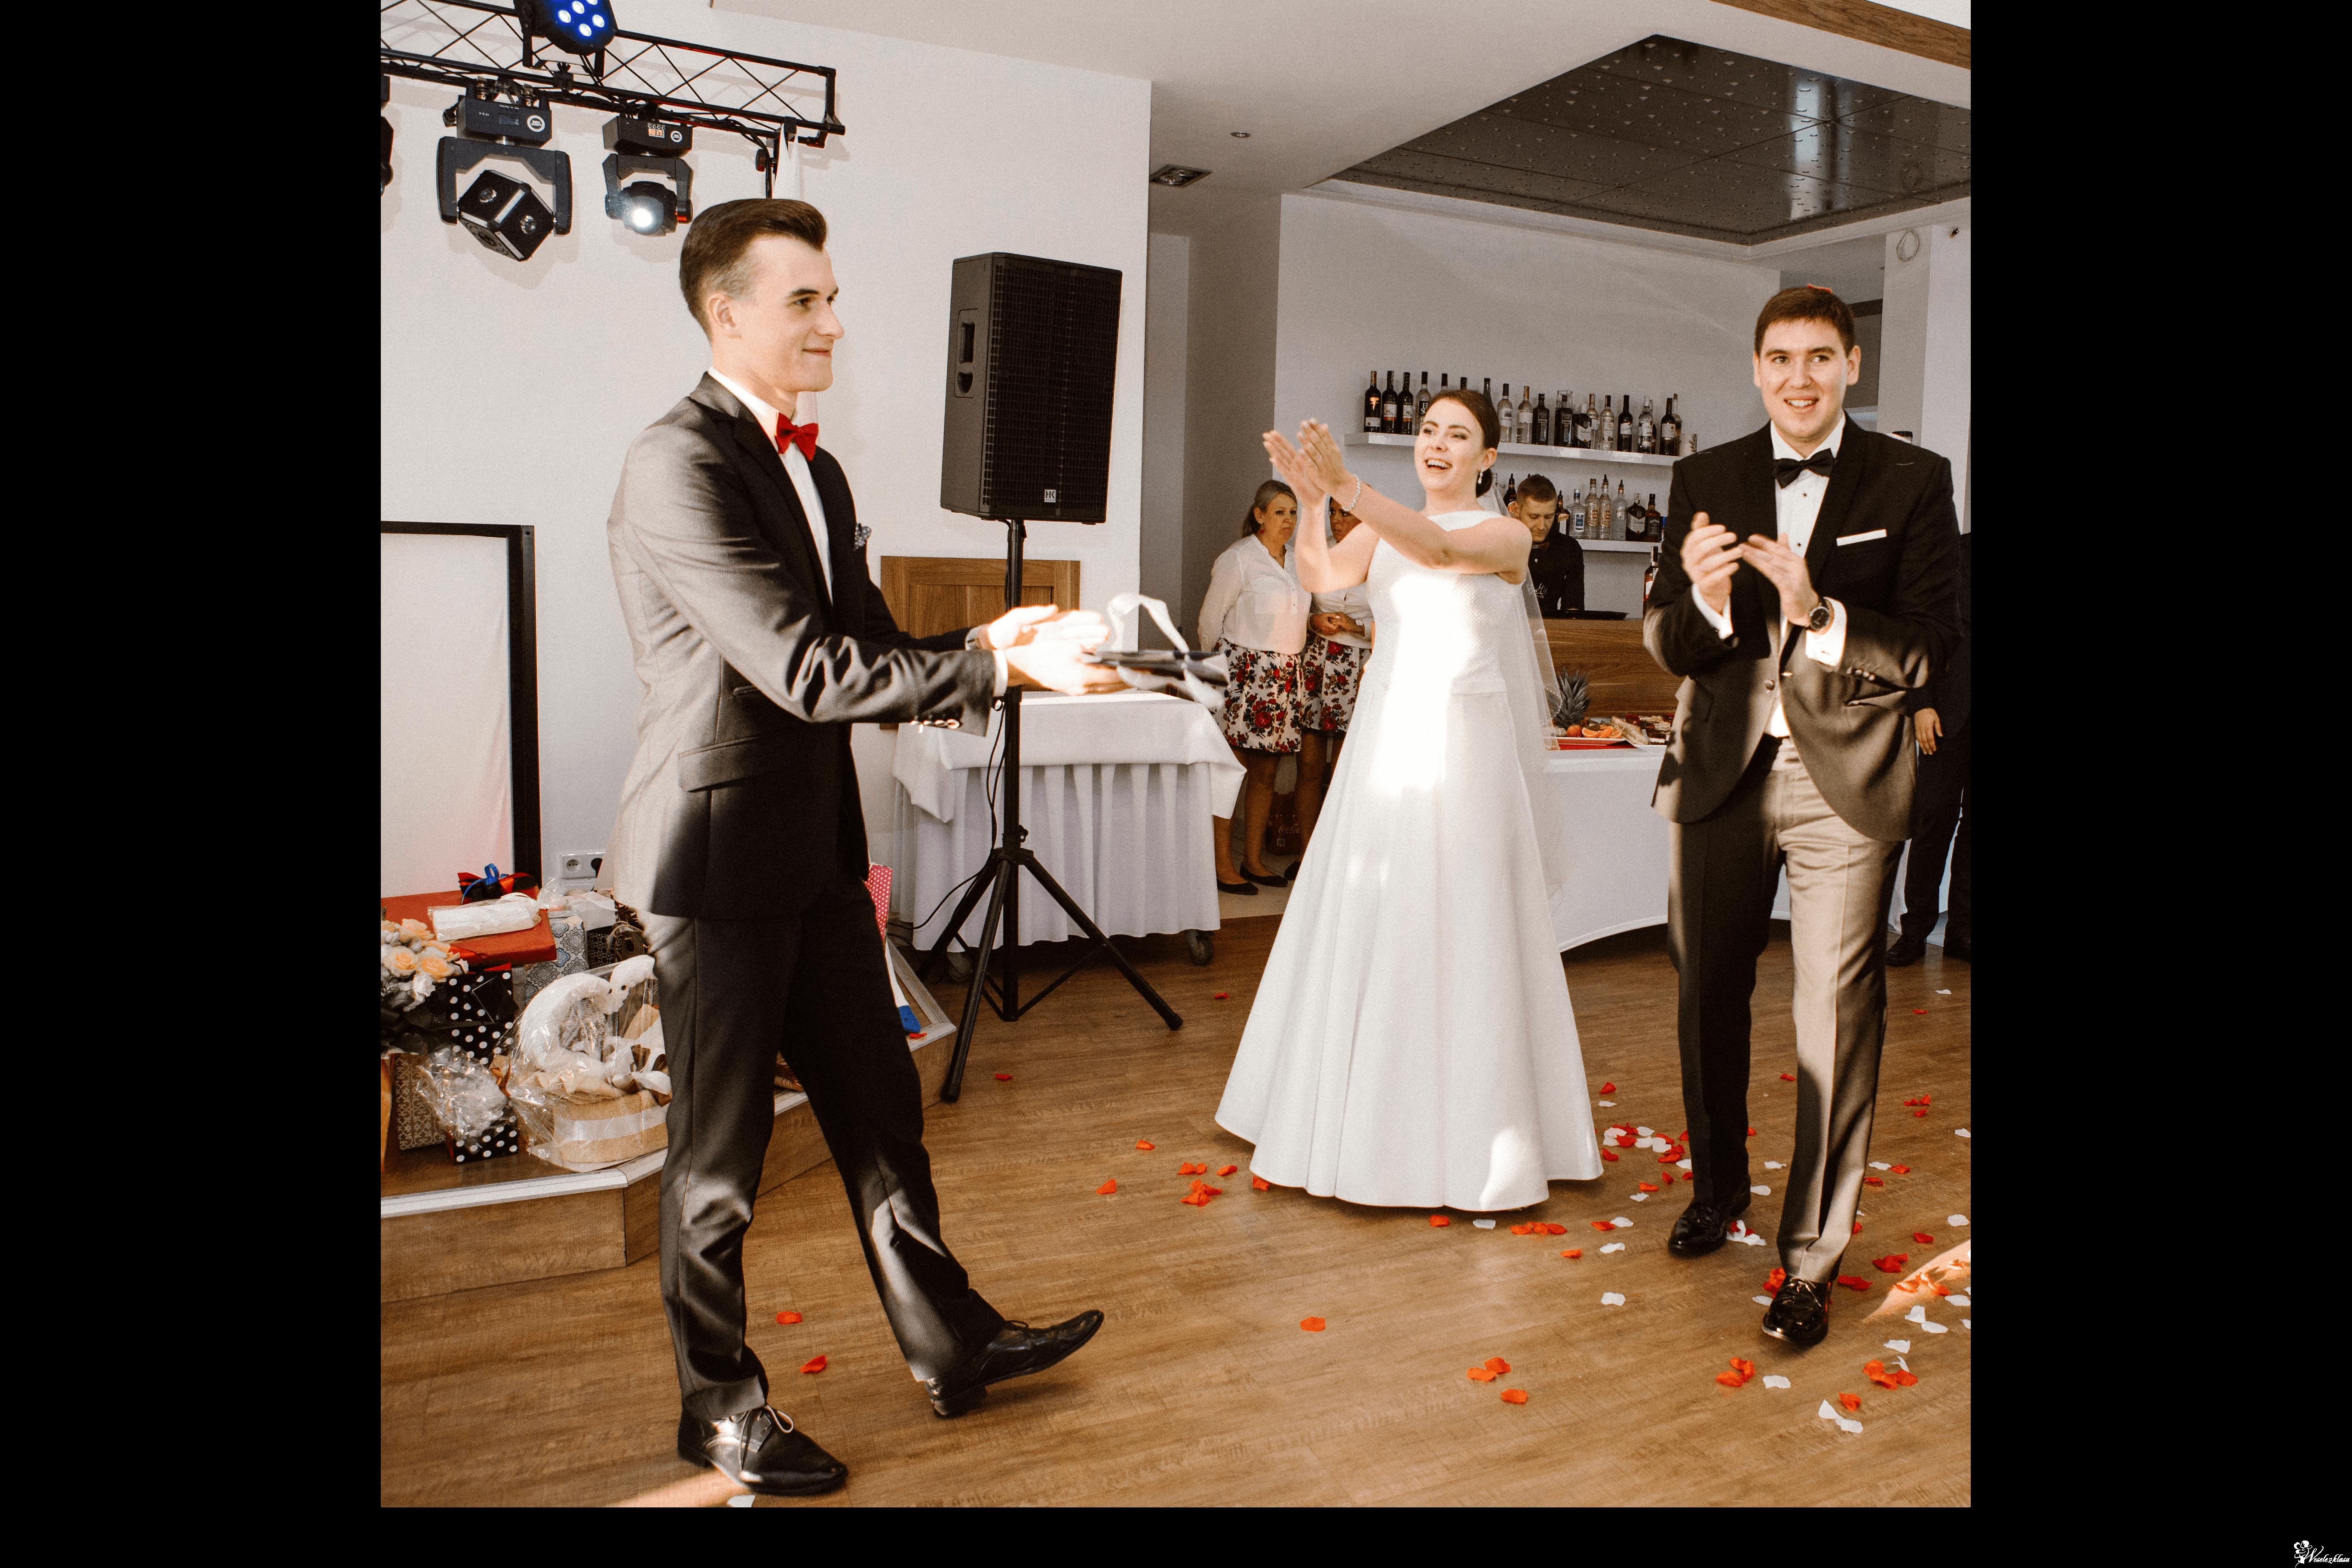 PIERWSZY TANIEC, kurs Tańca Towarzyskiego, Będzin - zdjęcie 1